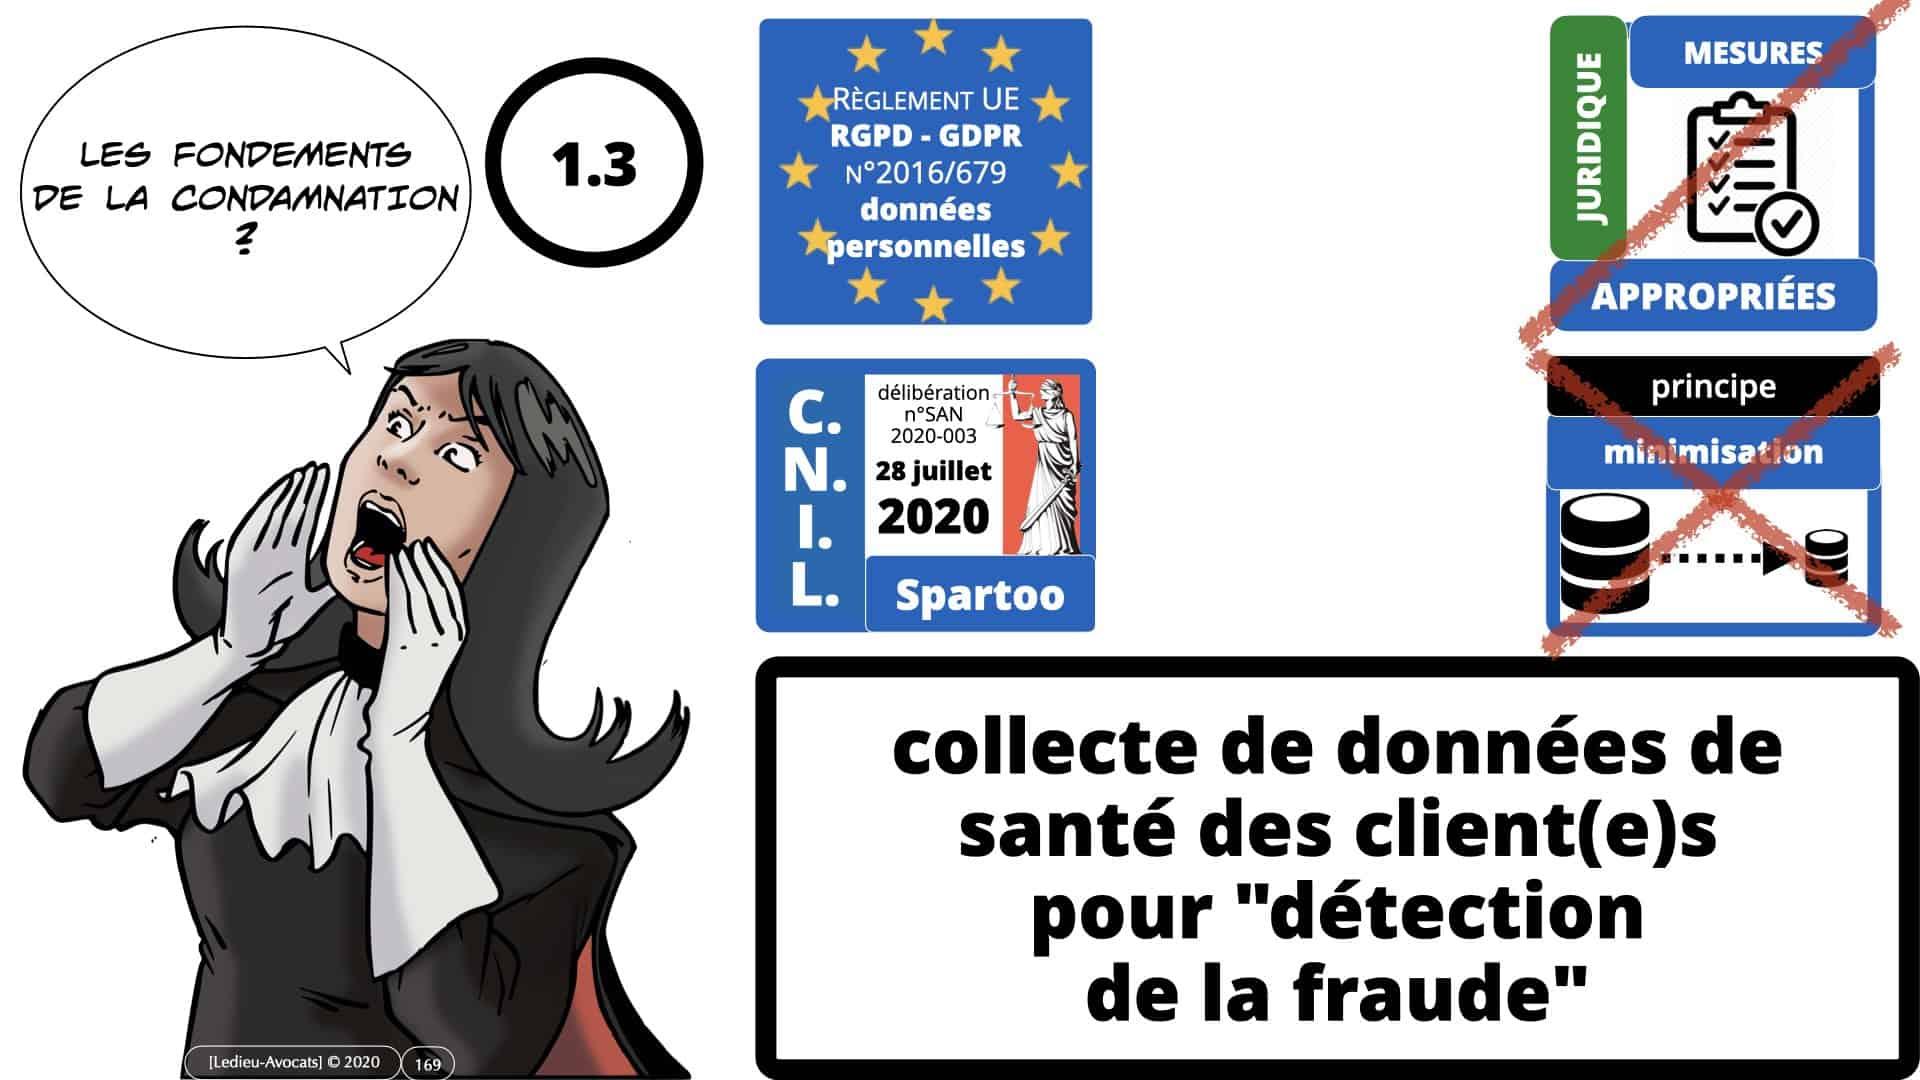 RGPD e-Privacy données personnelles jurisprudence formation Lamy Les Echos 10-02-2021 ©Ledieu-Avocats.169